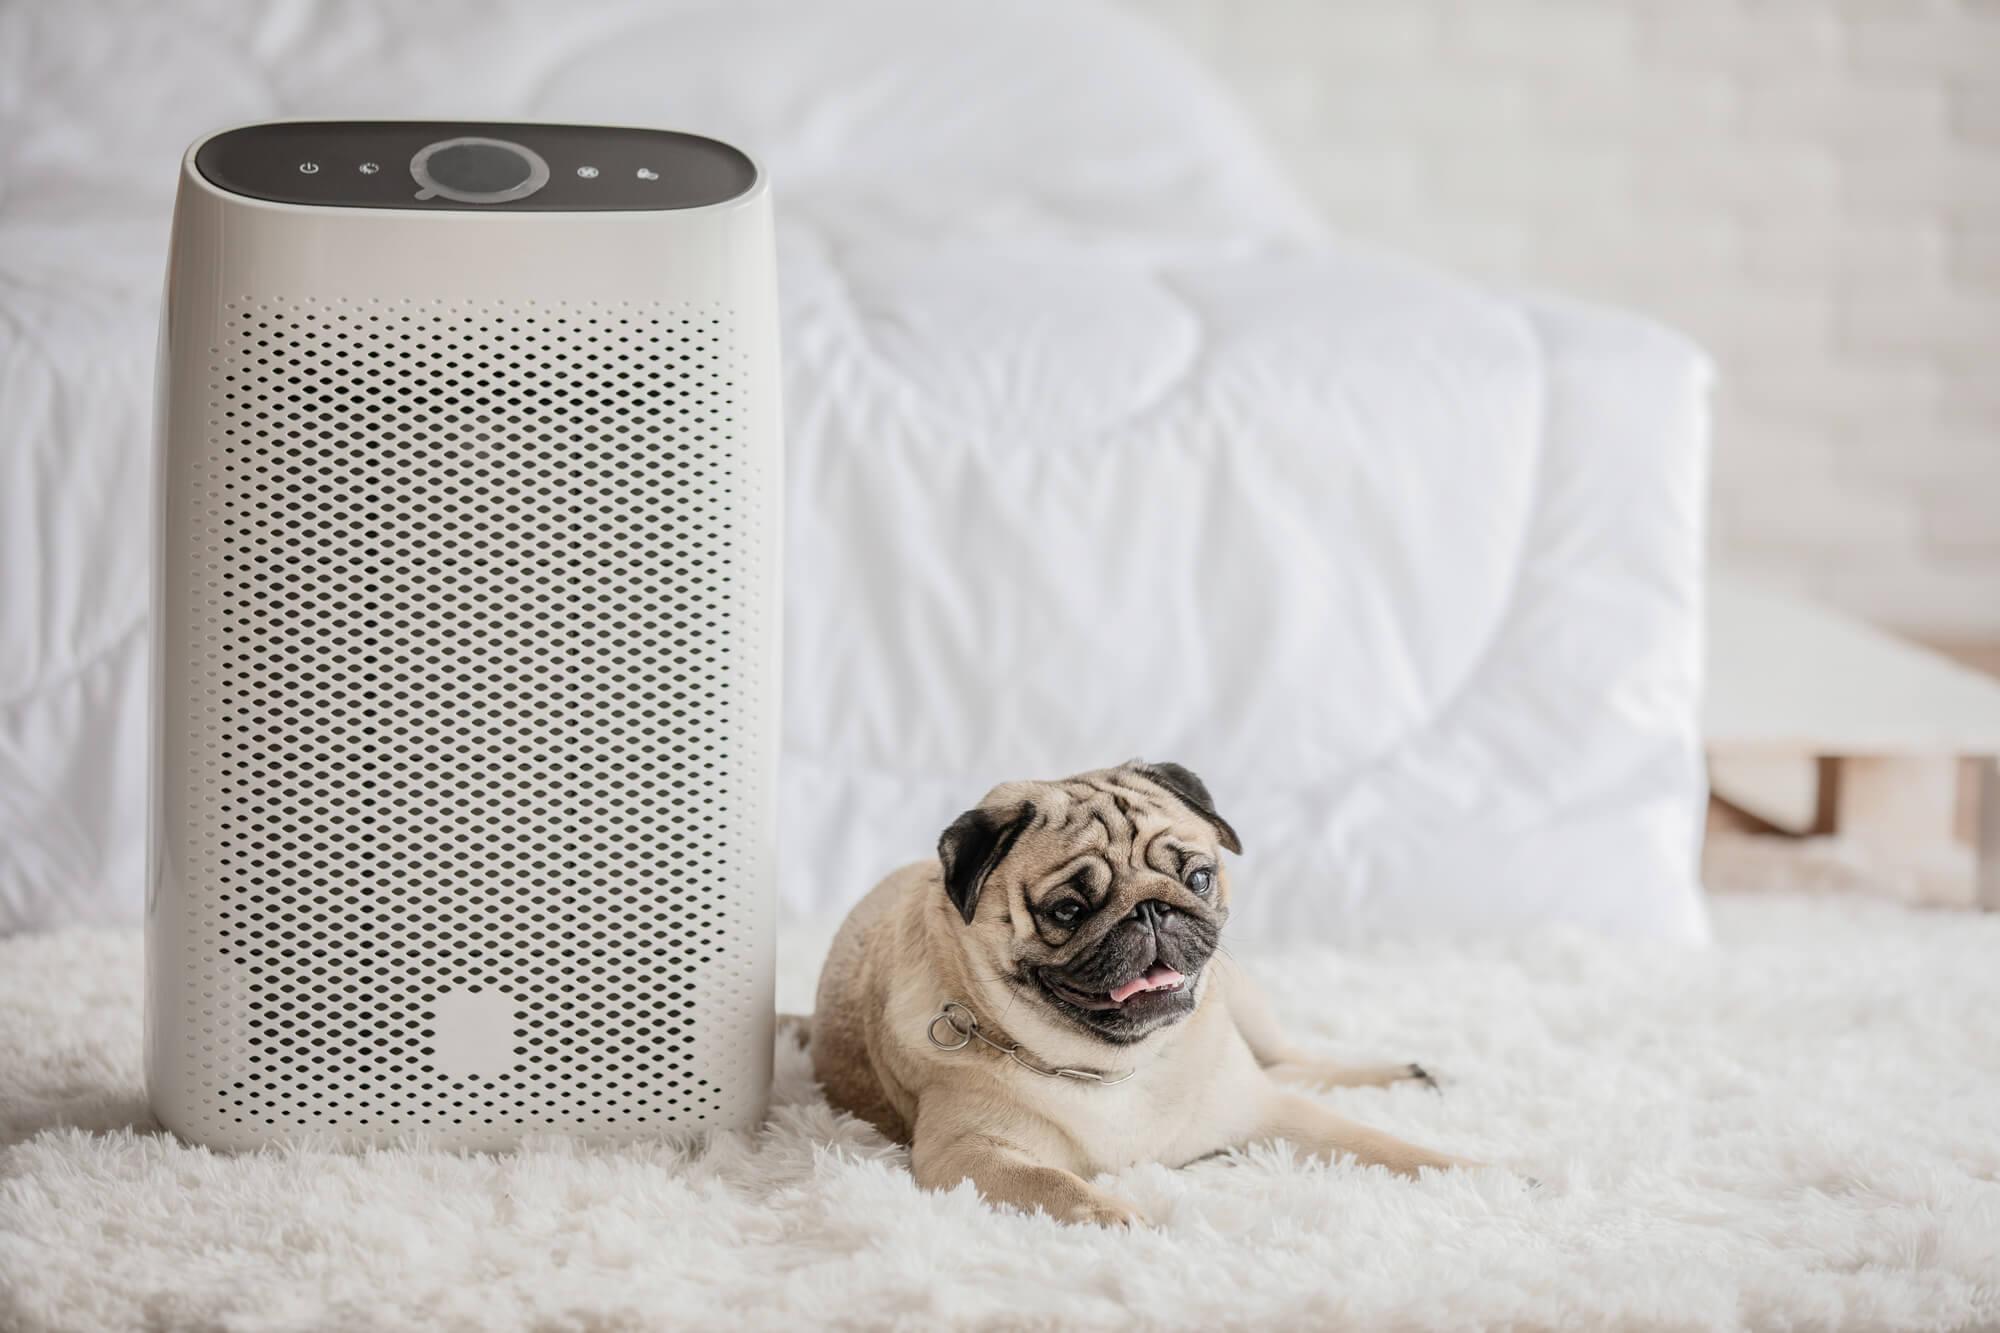 犬の過ごしやすい冬の暖房